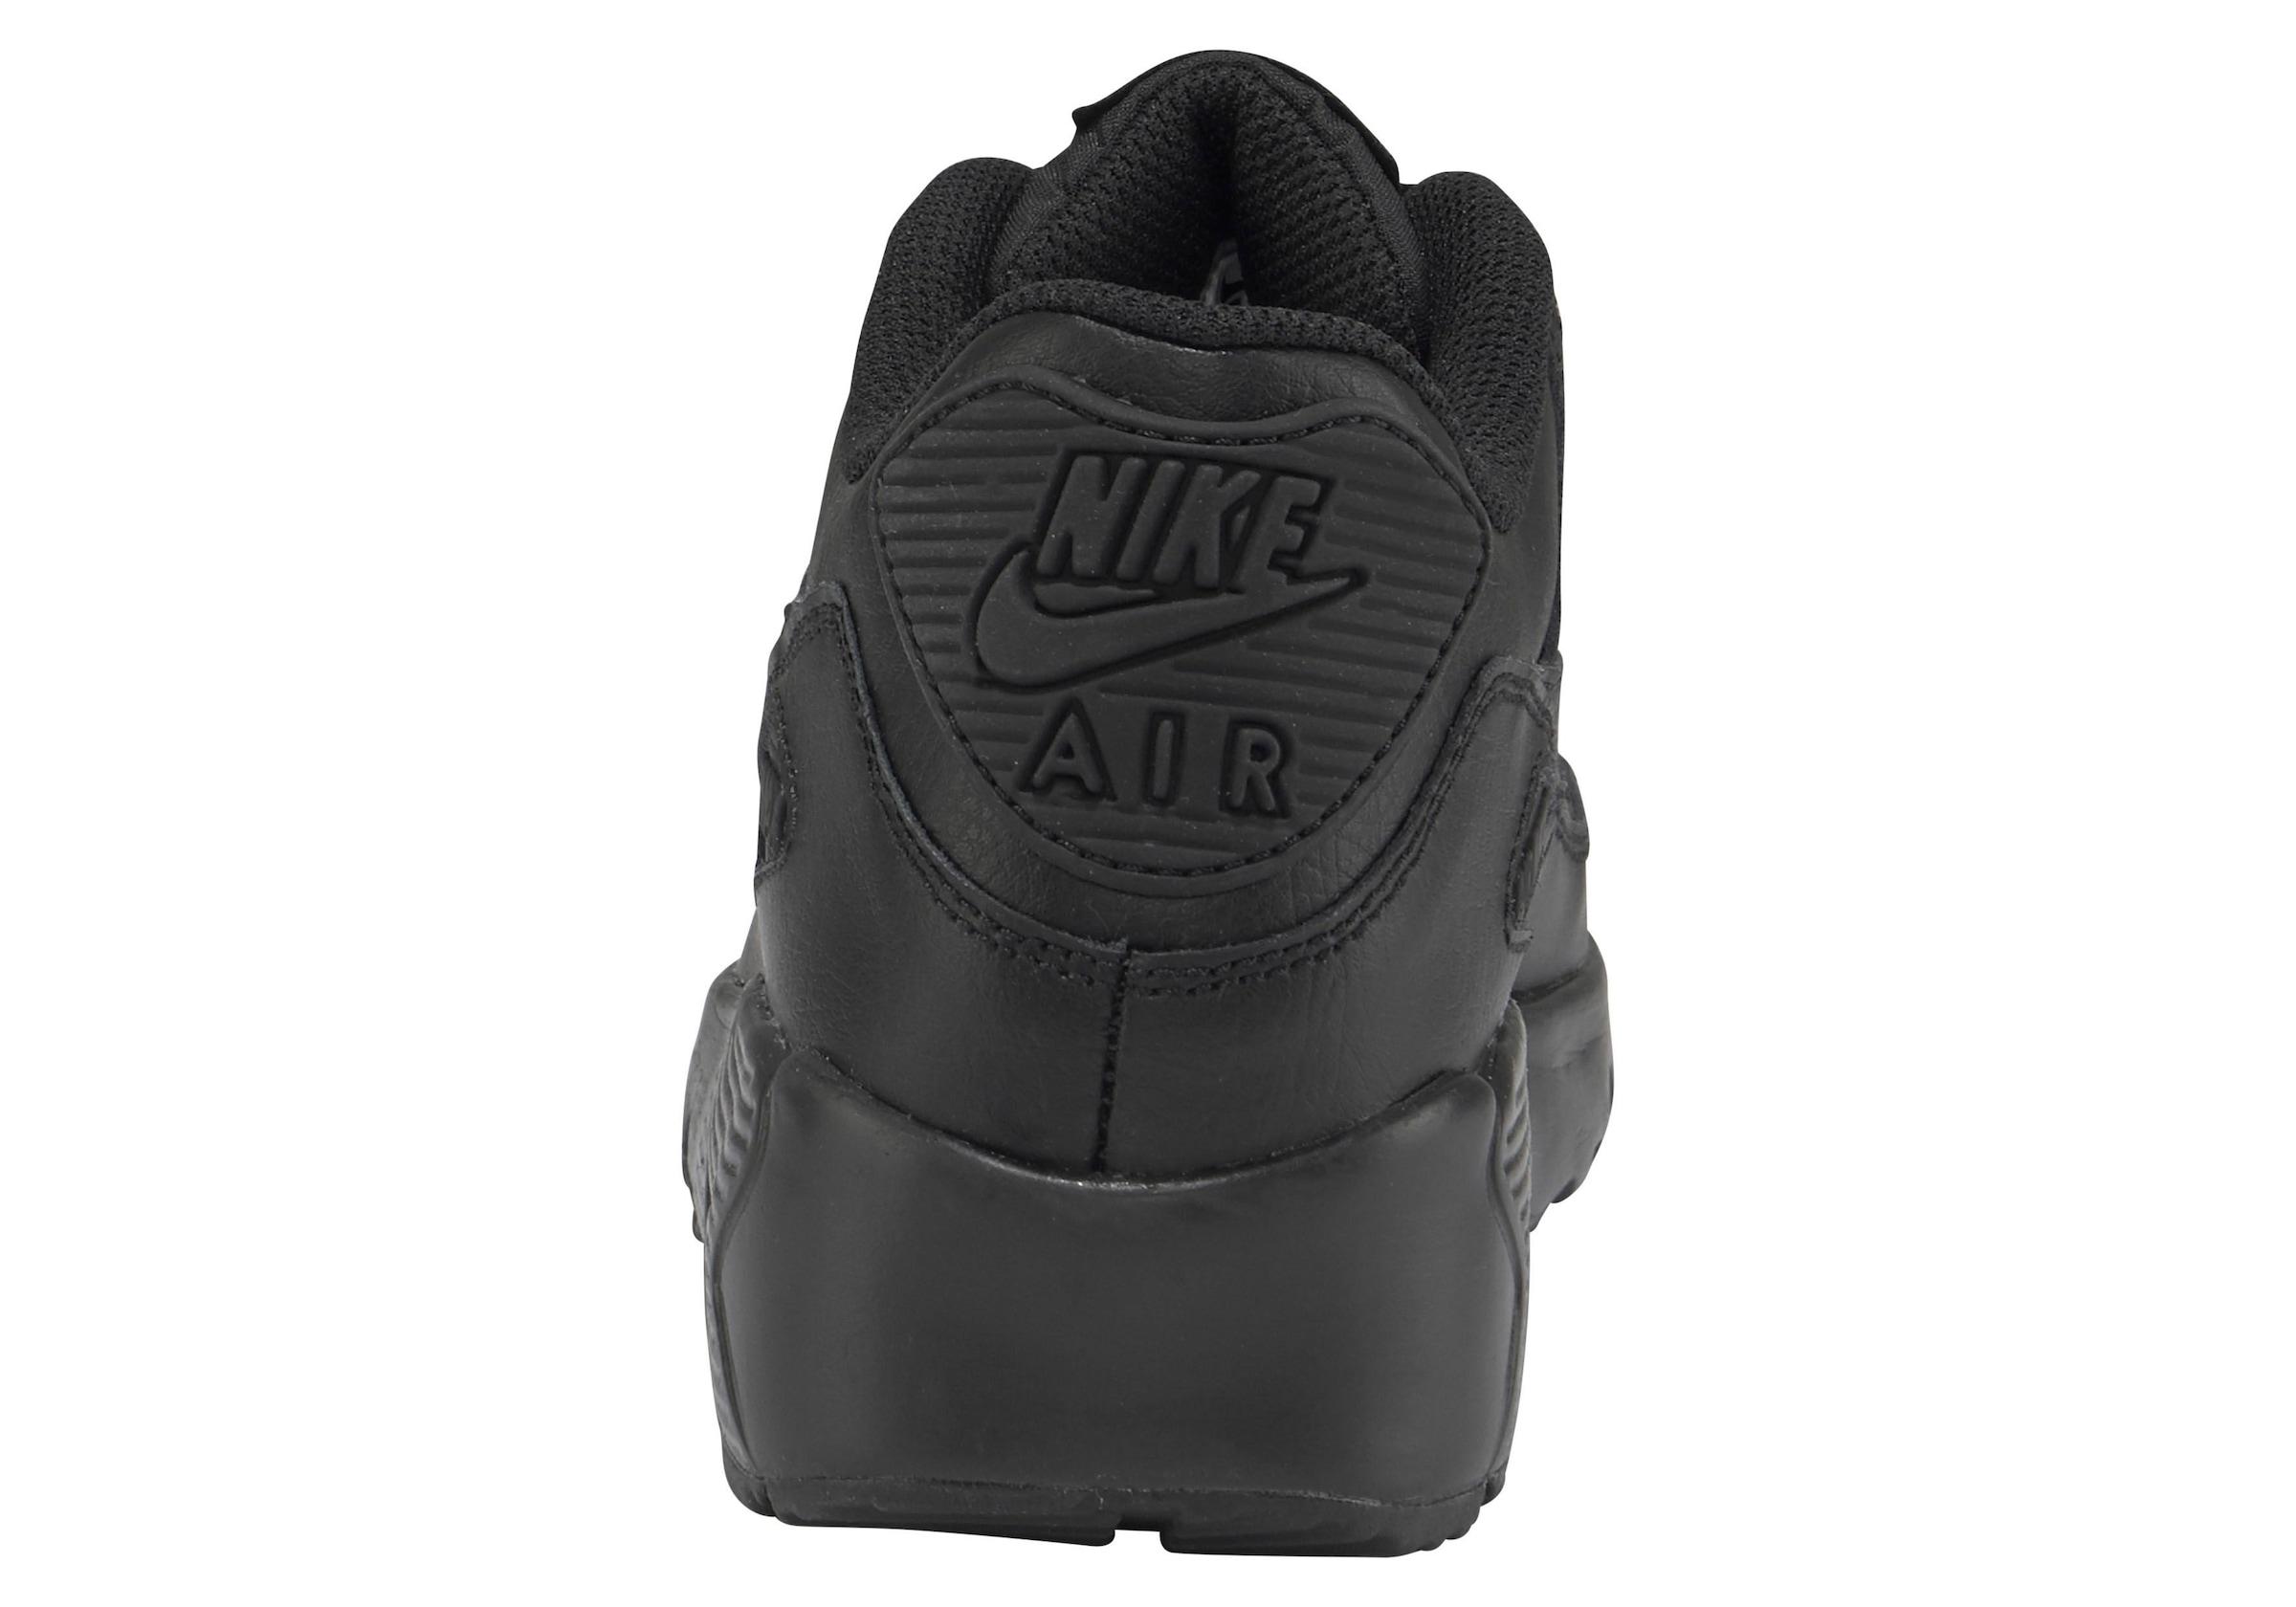 Nike Sportswear Sneaker  ;Bir Max 90 kaufen LTR (GS) günstig online kaufen 90 | Gutes Preis-Leistungs-Verhältnis, es lohnt sich,Trend-3896 ebbb0f